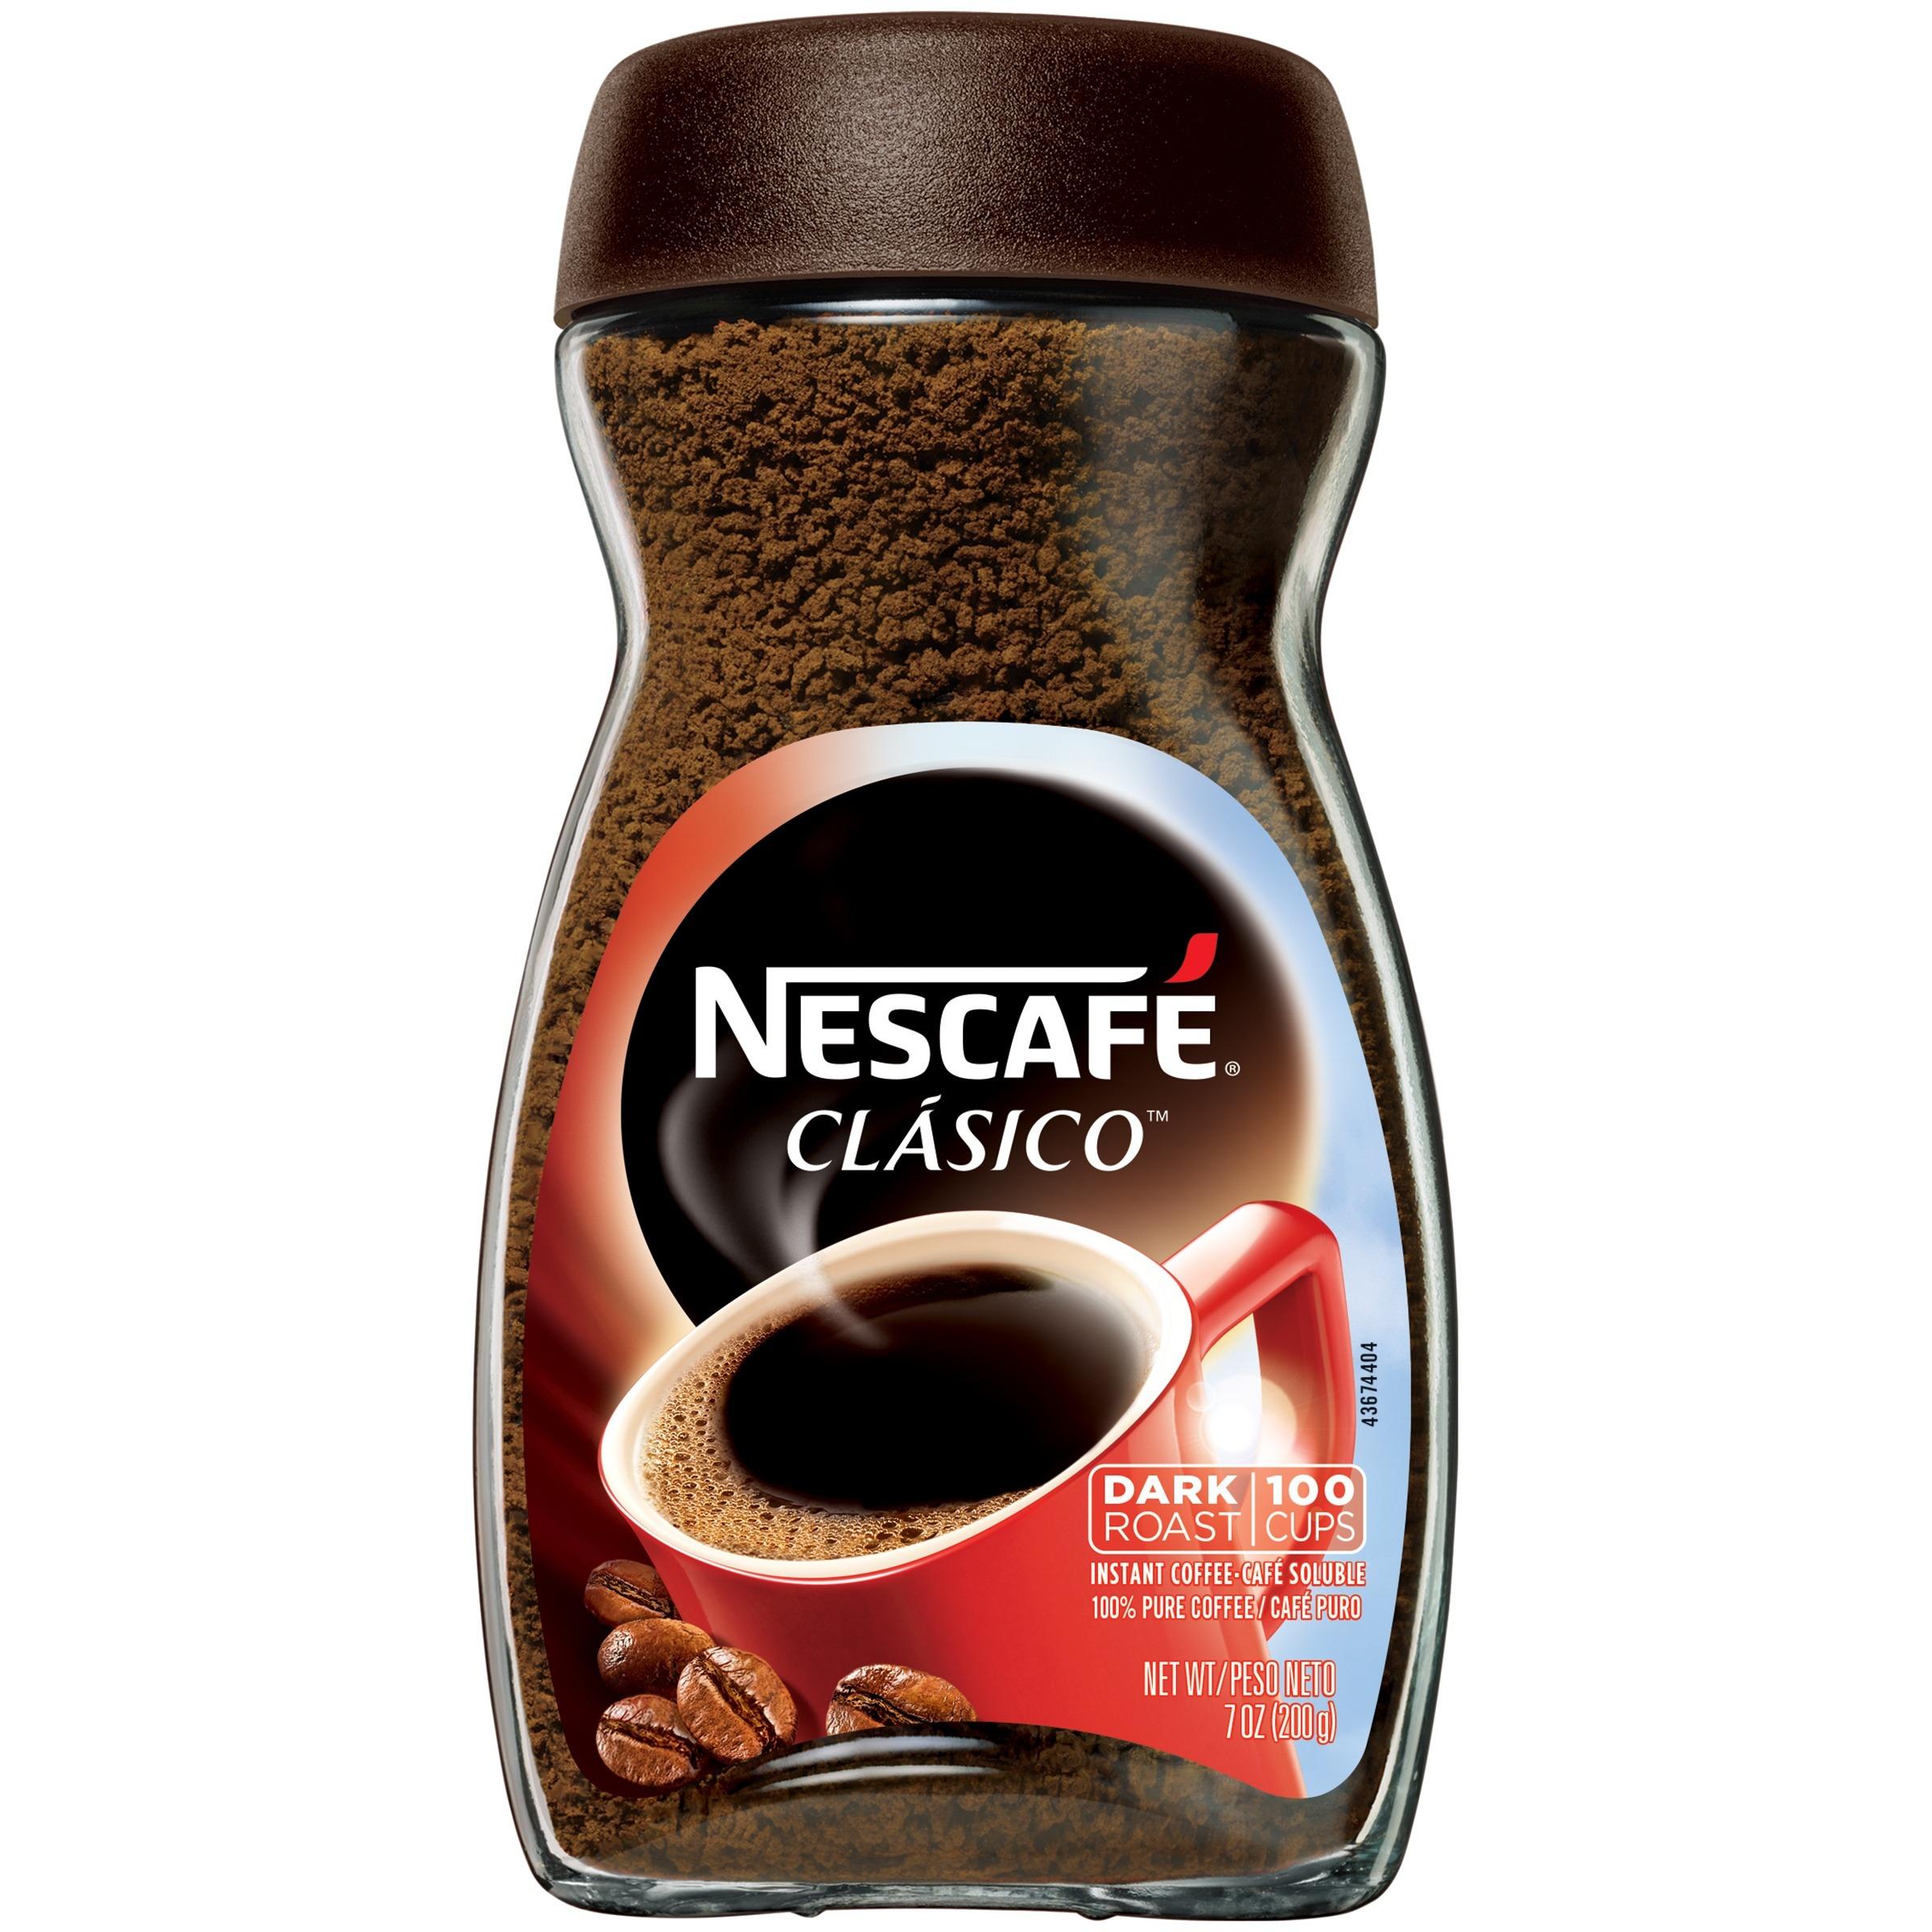 CÀ PHÊ HÒA TAN NESCAFÉ CLASIO INSTANT COFFEE, DARK ROAST 200G